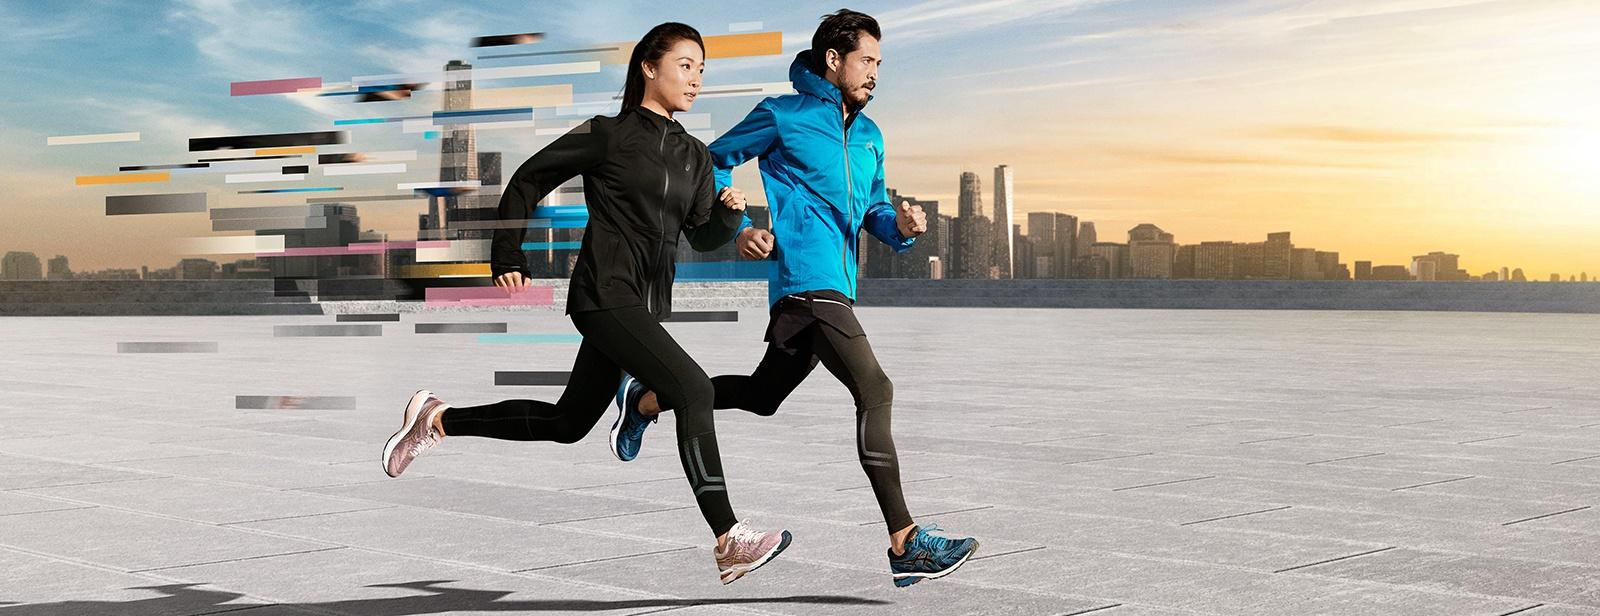 GT-2000 8 Runners